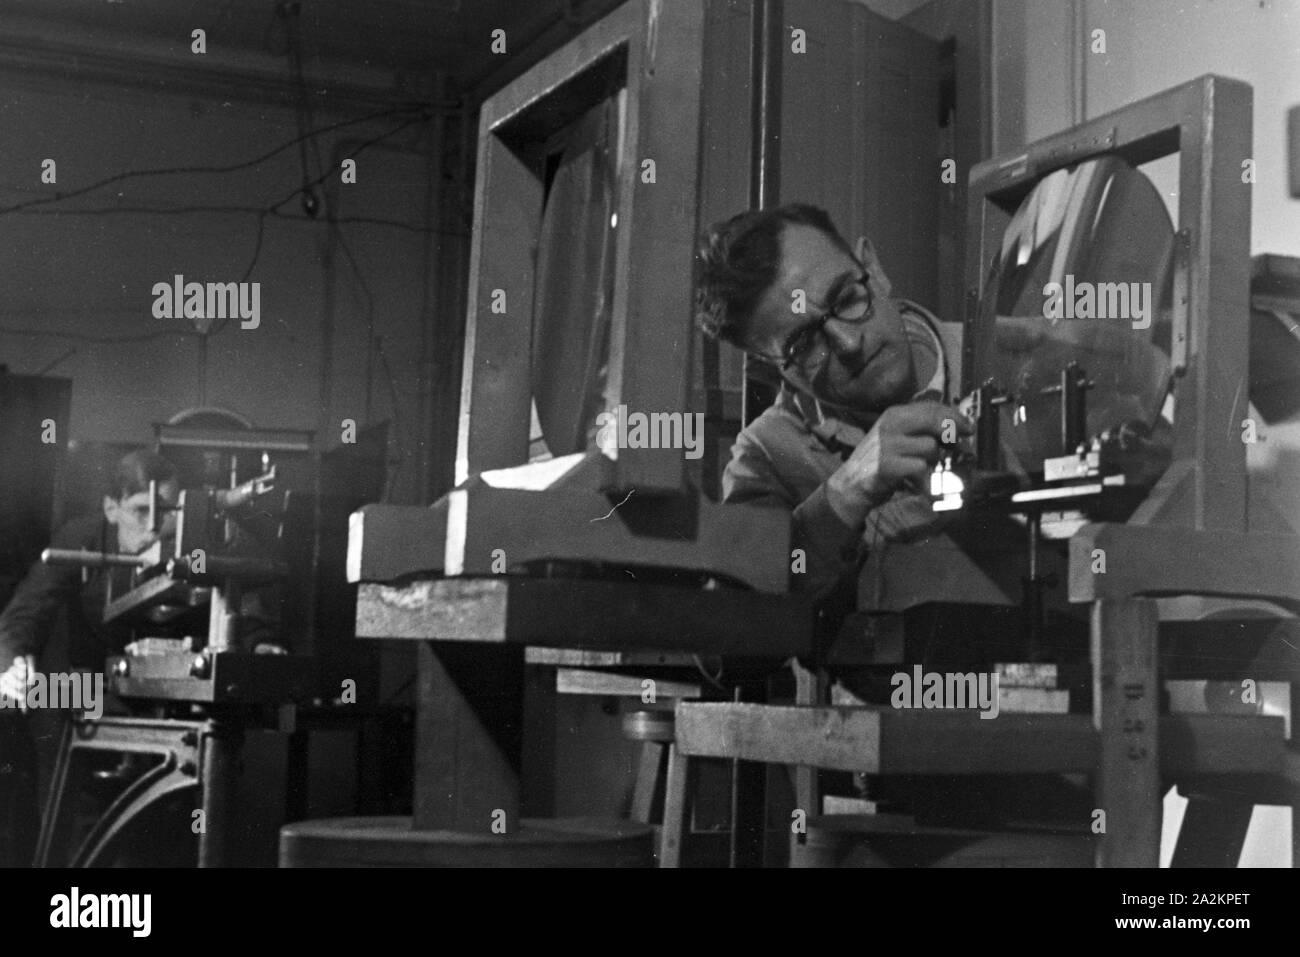 """Forschungen zum Thema """"Handwerker als Helfer der Wissenschaft"""" in der Biologischen Reichsanstalt für Land- und Forstwirtschaft in Berlin Dahlem, Deutschland 1930er Jahre. Researchs to the subject """"Craftsmen as helpers of science"""" at Biologische Reichsanstalt fuer Land- und Forstwirtschaft institute at Berlin Dahlem, Germany 1930s. Stock Photo"""